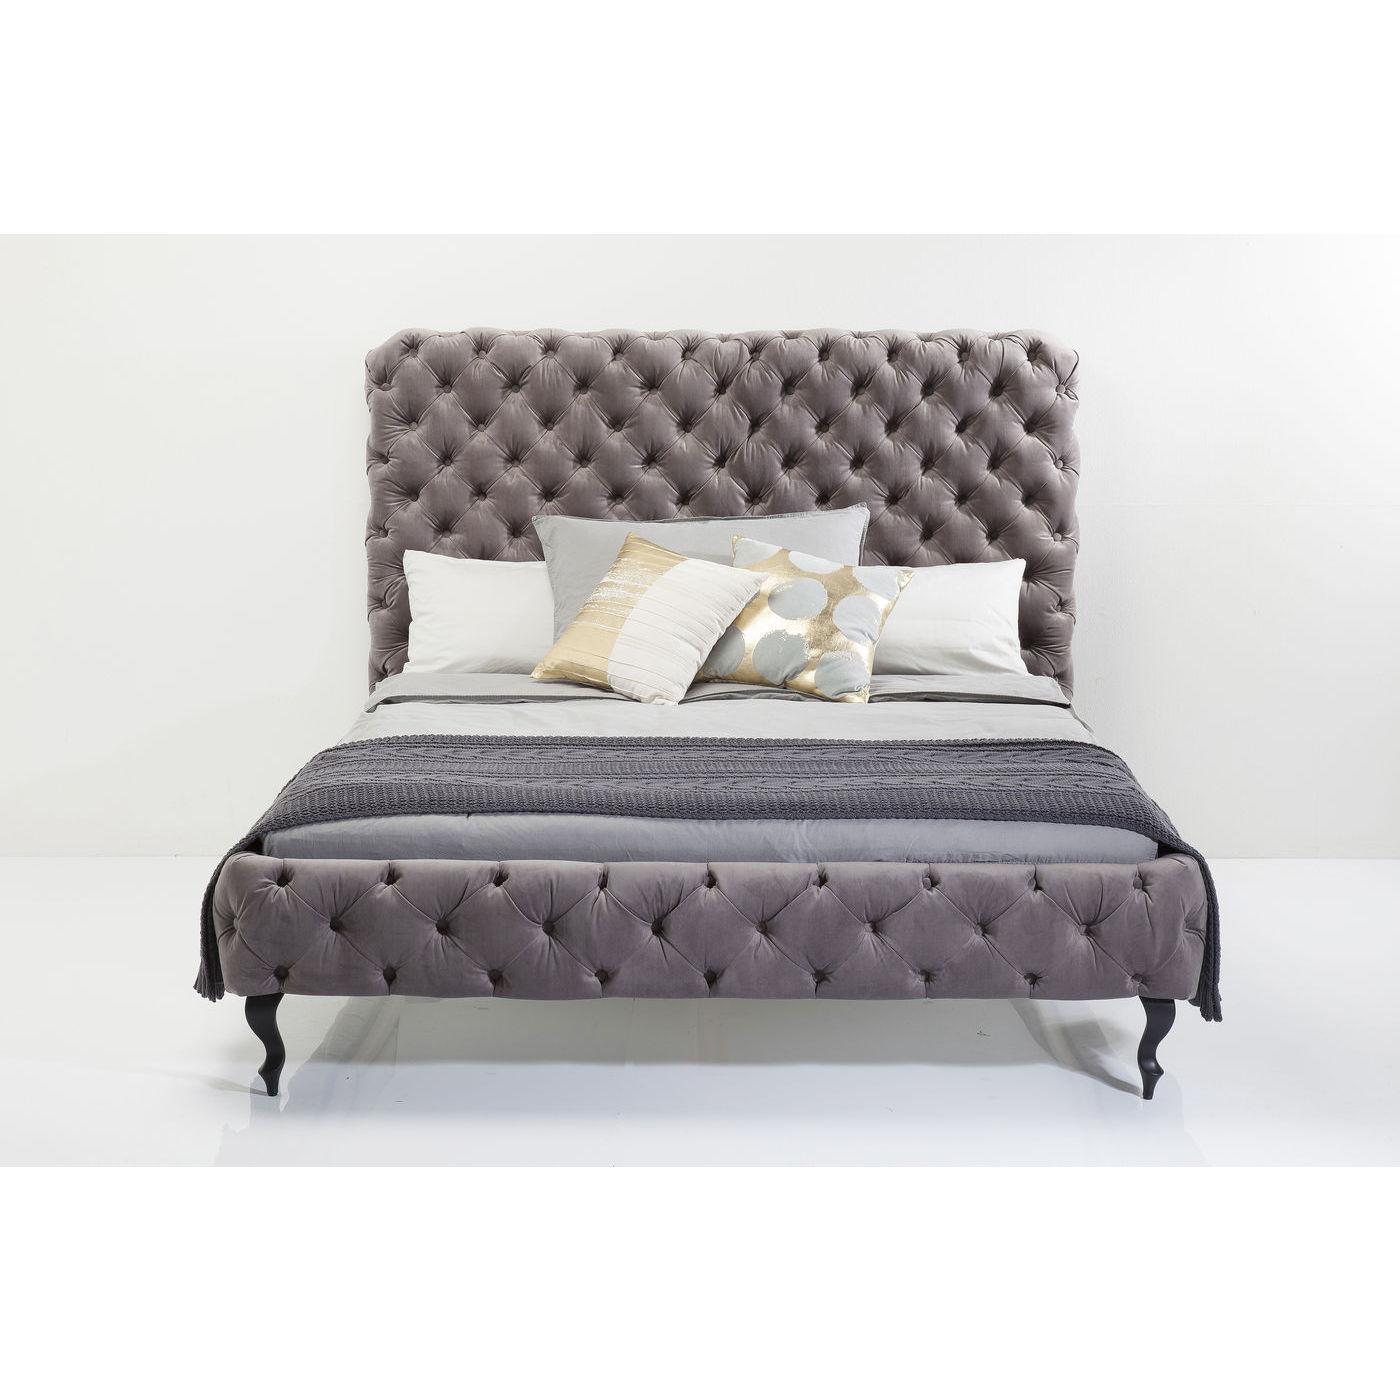 Billede af Kare Design Seng, Desire Silver Grey High 180x200 cm